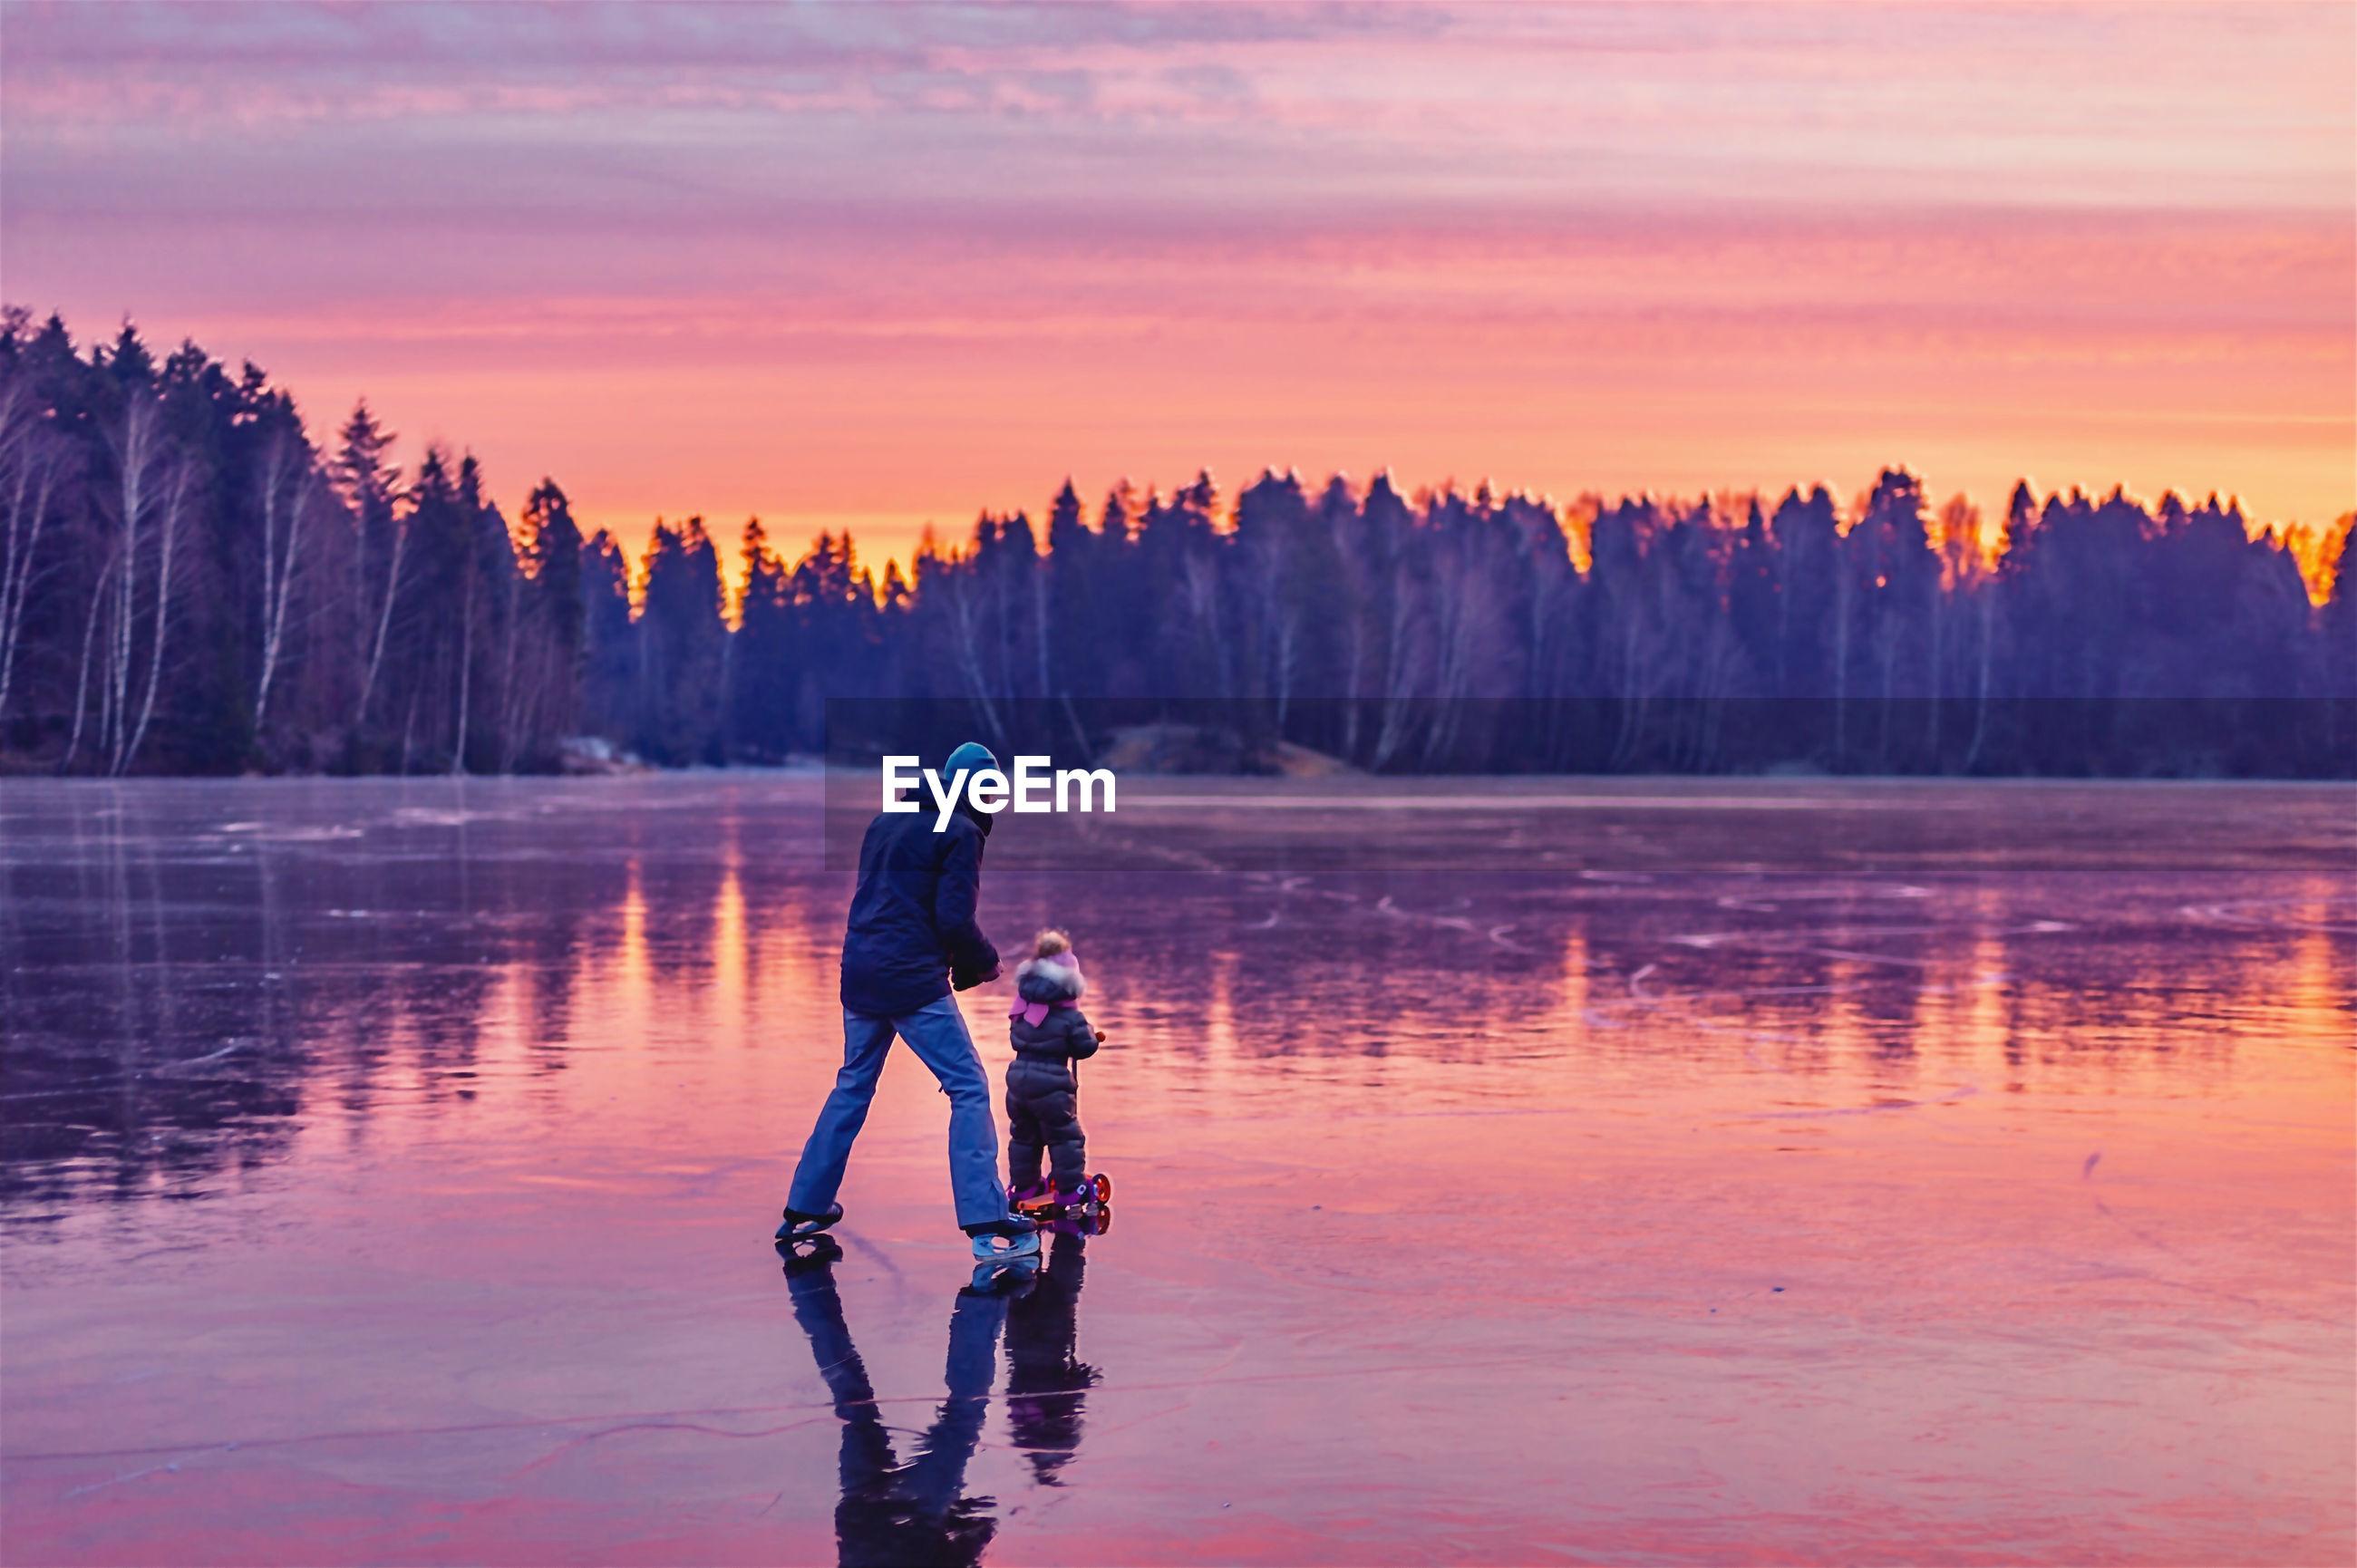 FULL LENGTH OF MAN STANDING ON LAKE AGAINST SKY DURING SUNSET